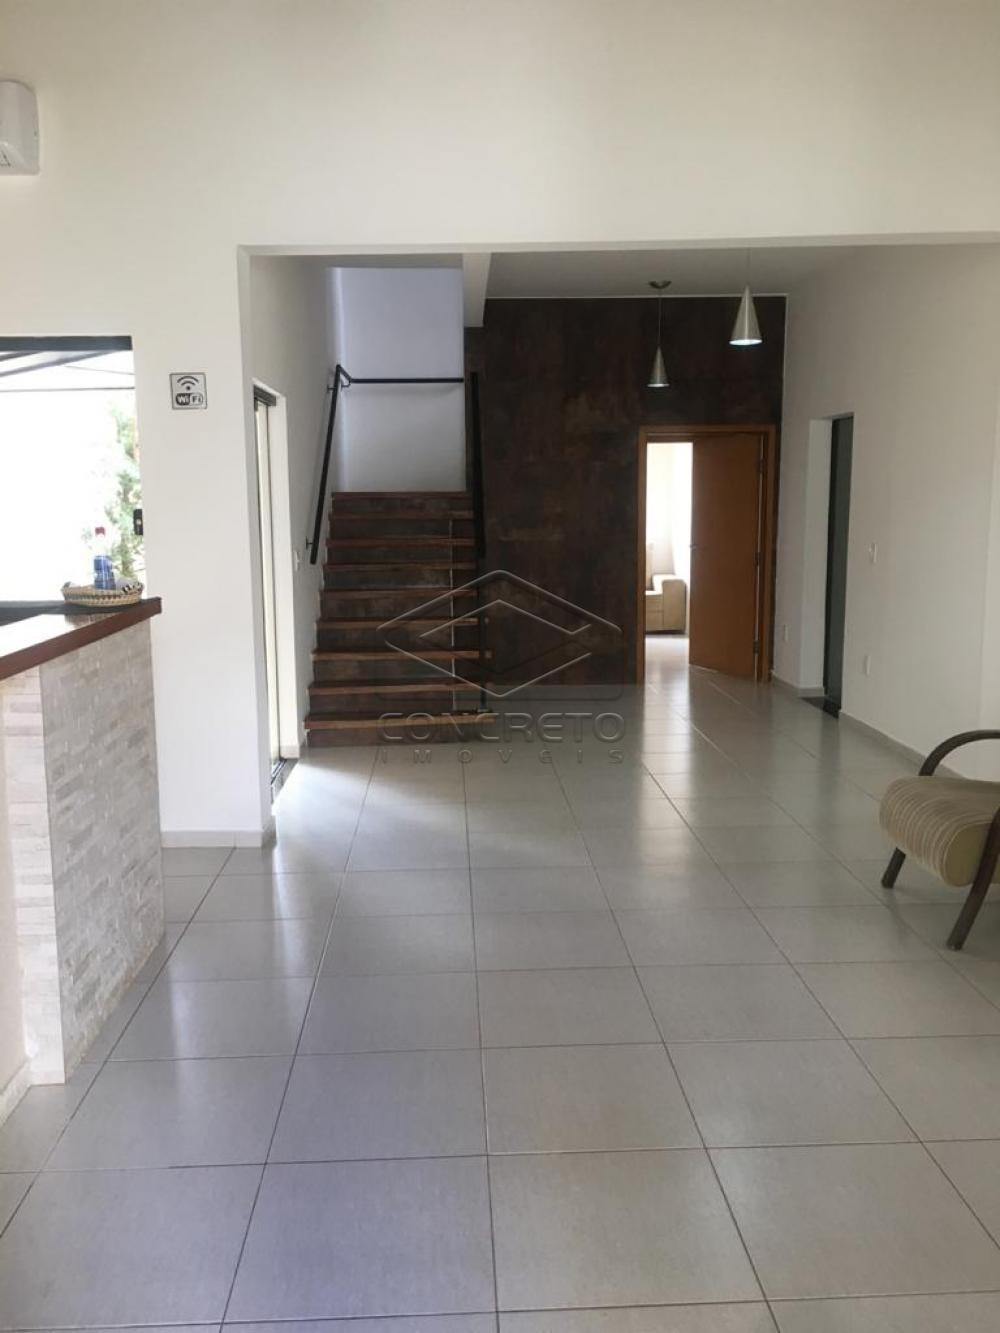 Alugar Casa / Comercial em Bauru apenas R$ 4.500,00 - Foto 4